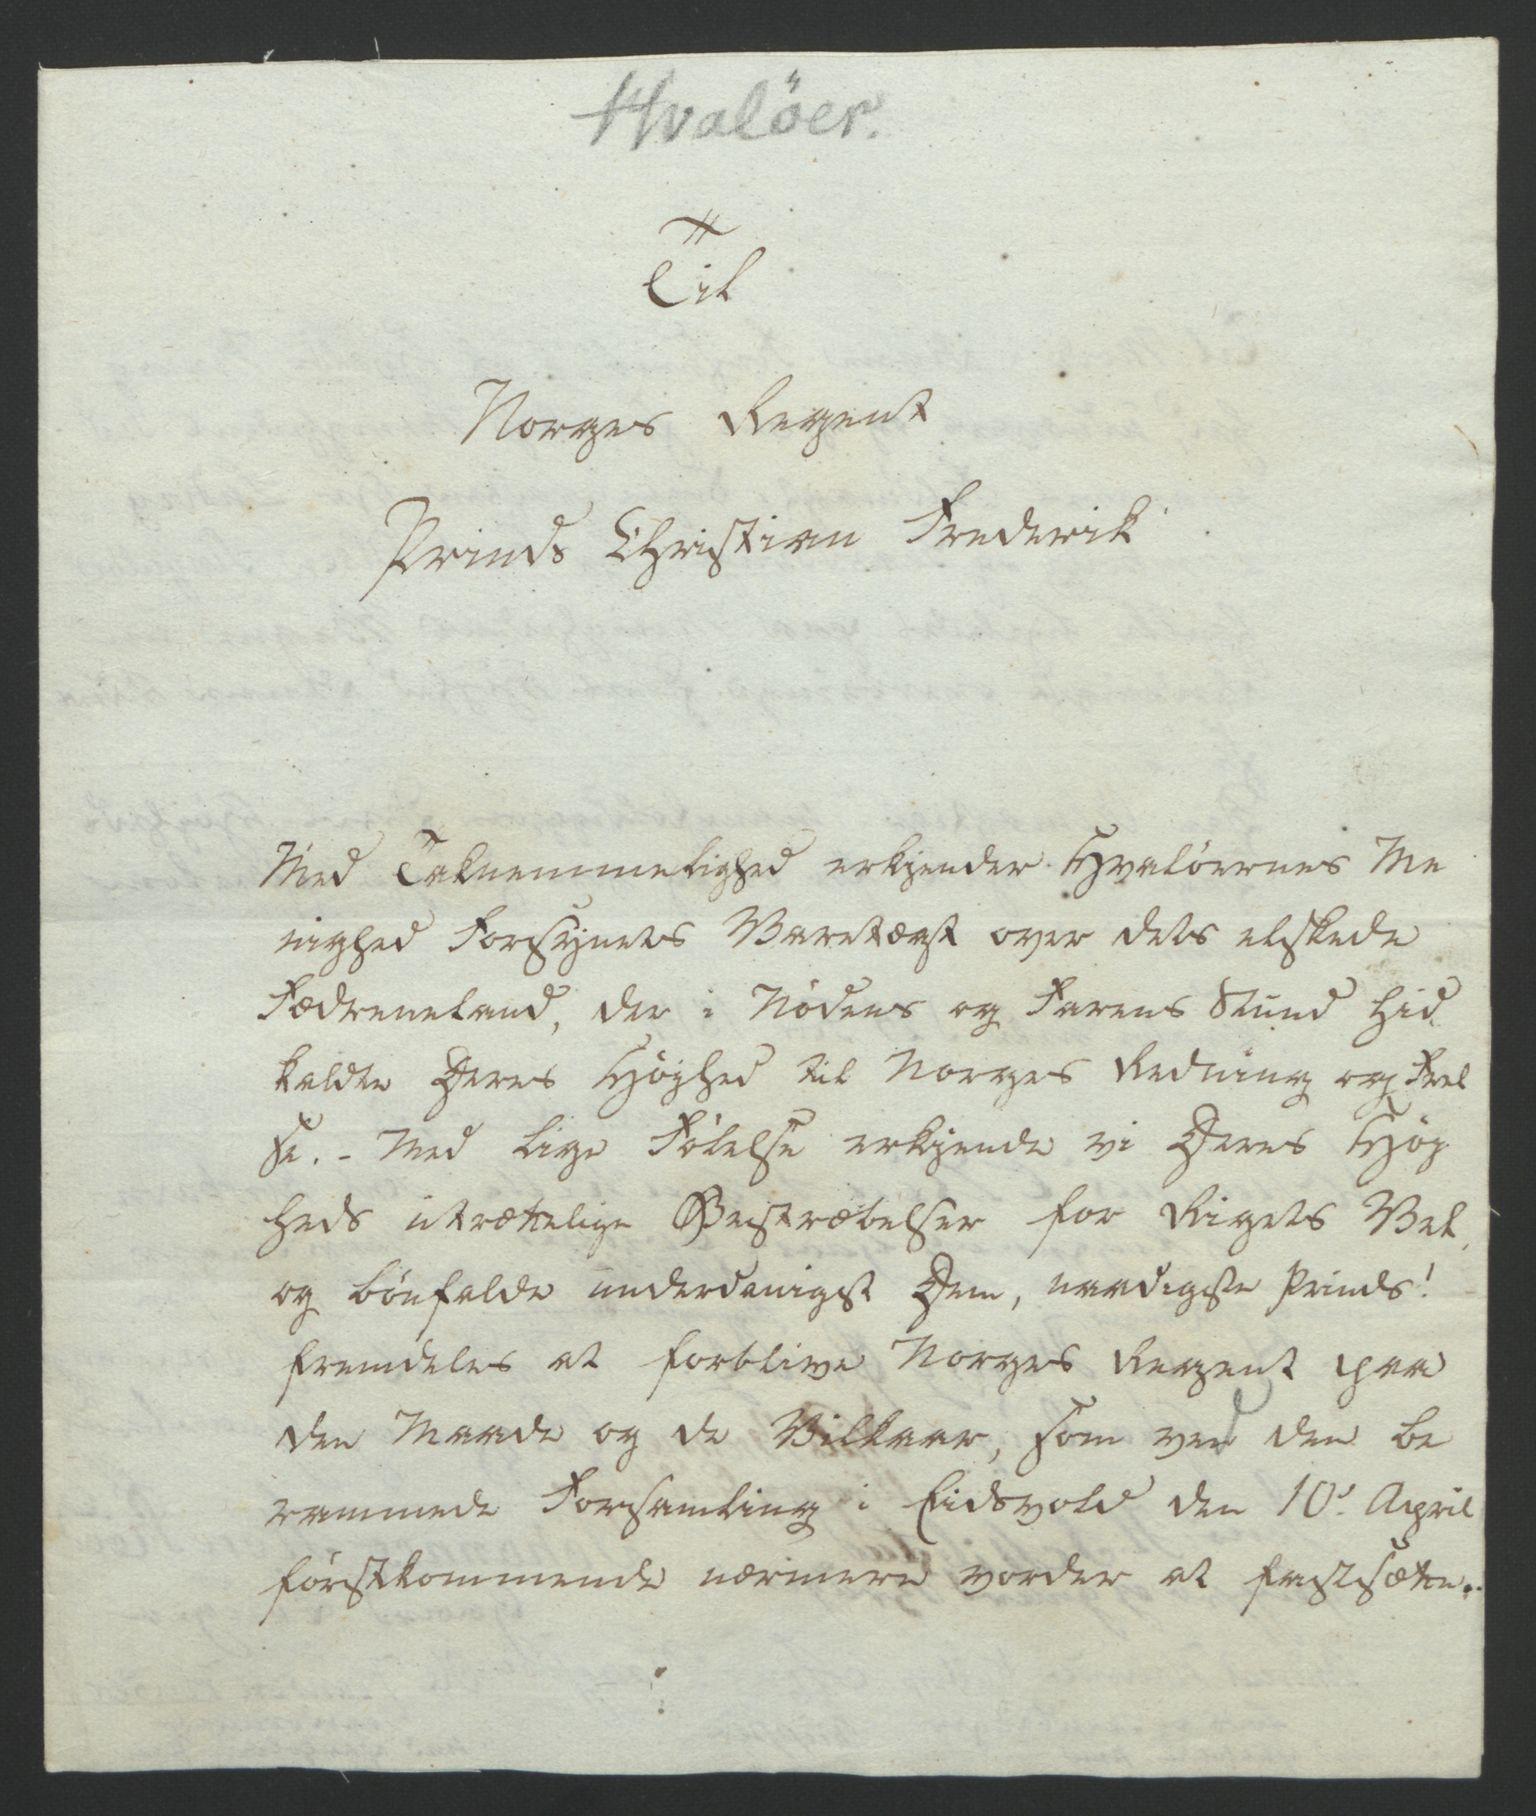 RA, Statsrådssekretariatet, D/Db/L0007: Fullmakter for Eidsvollsrepresentantene i 1814. , 1814, s. 150